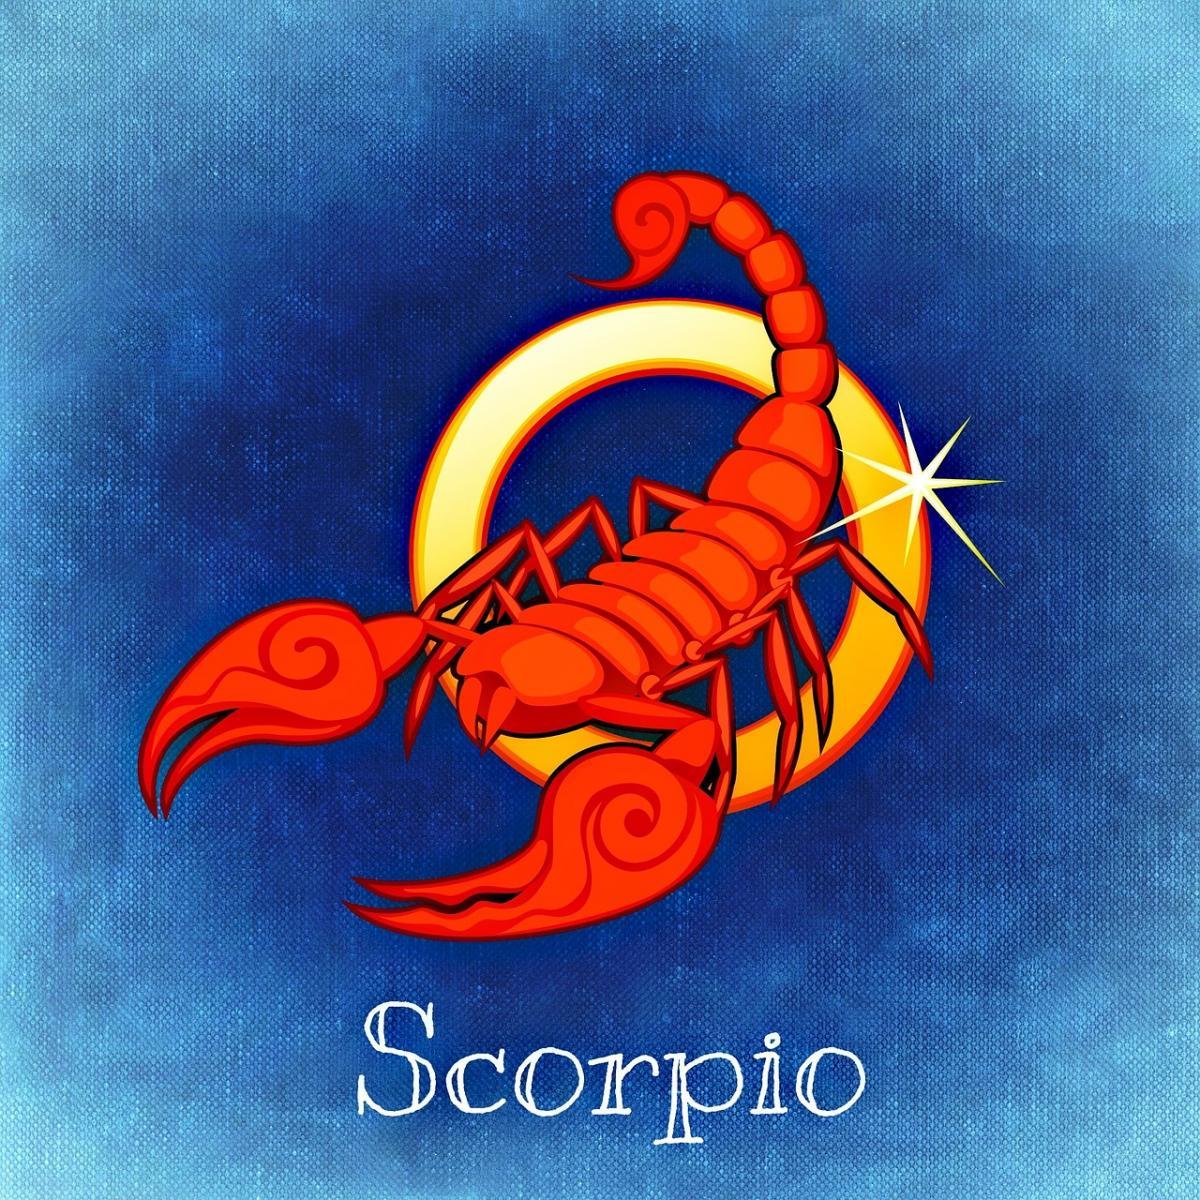 scorpio-759377_1280-2